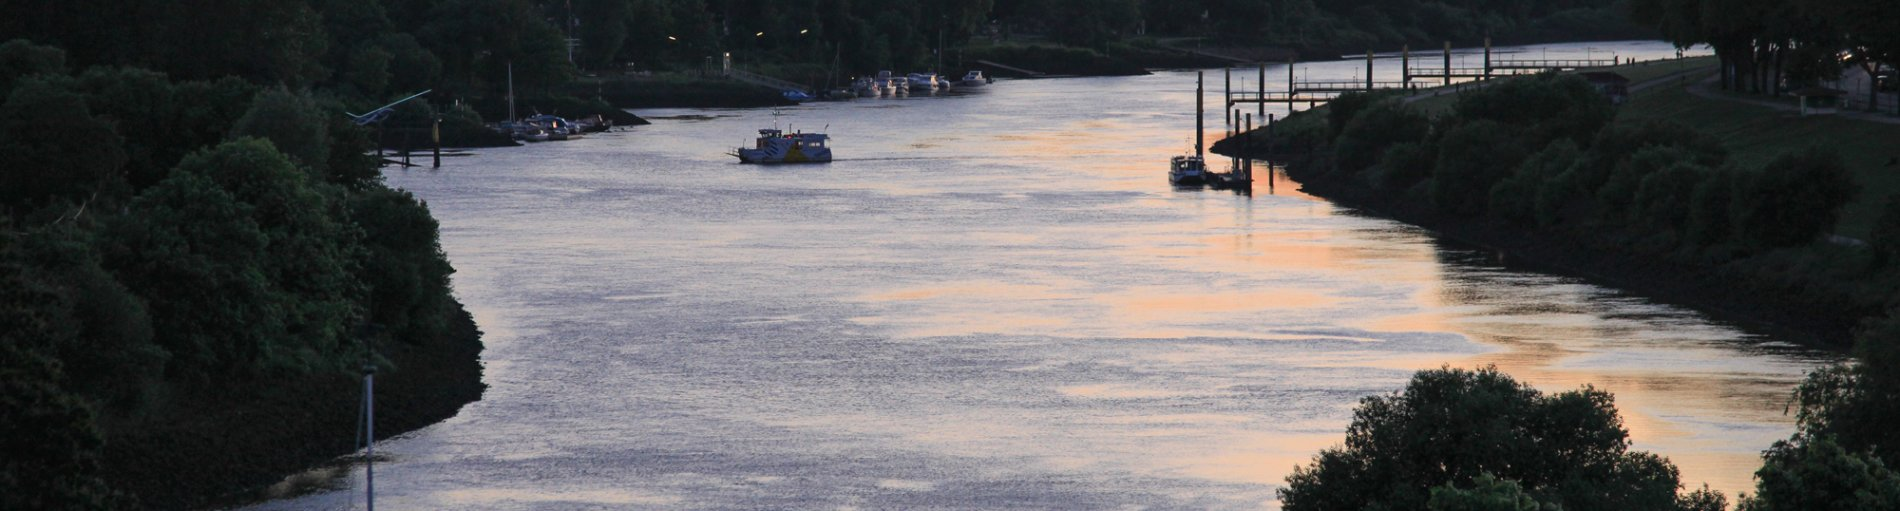 Ausblick auf die Weser in der Abenddämmerung